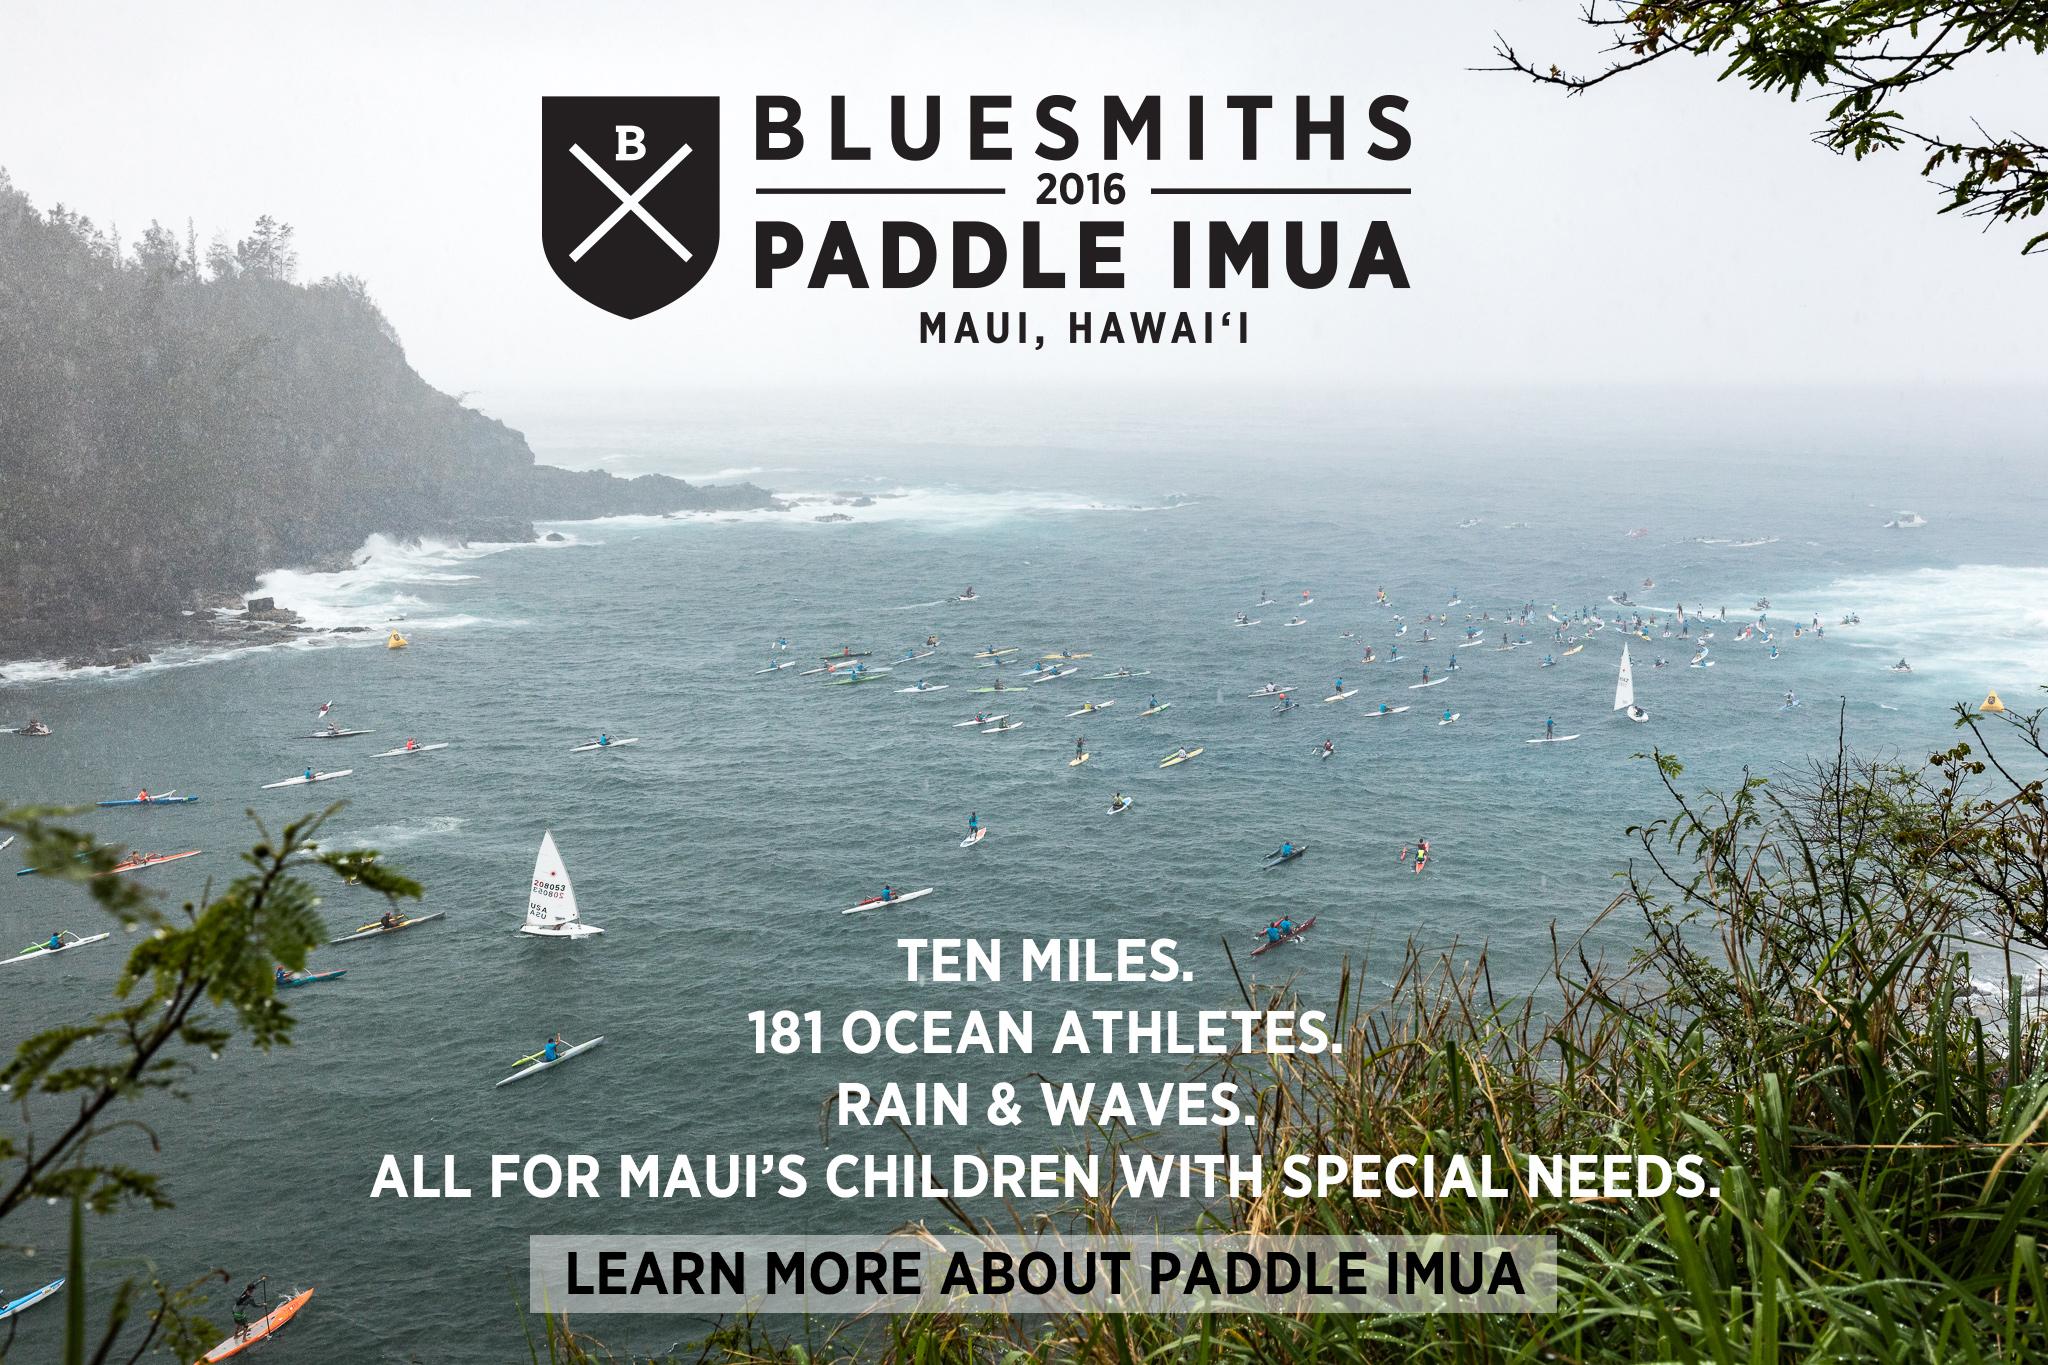 Bluesmiths Paddle Imua Open Ocean Race Maui Hawaii